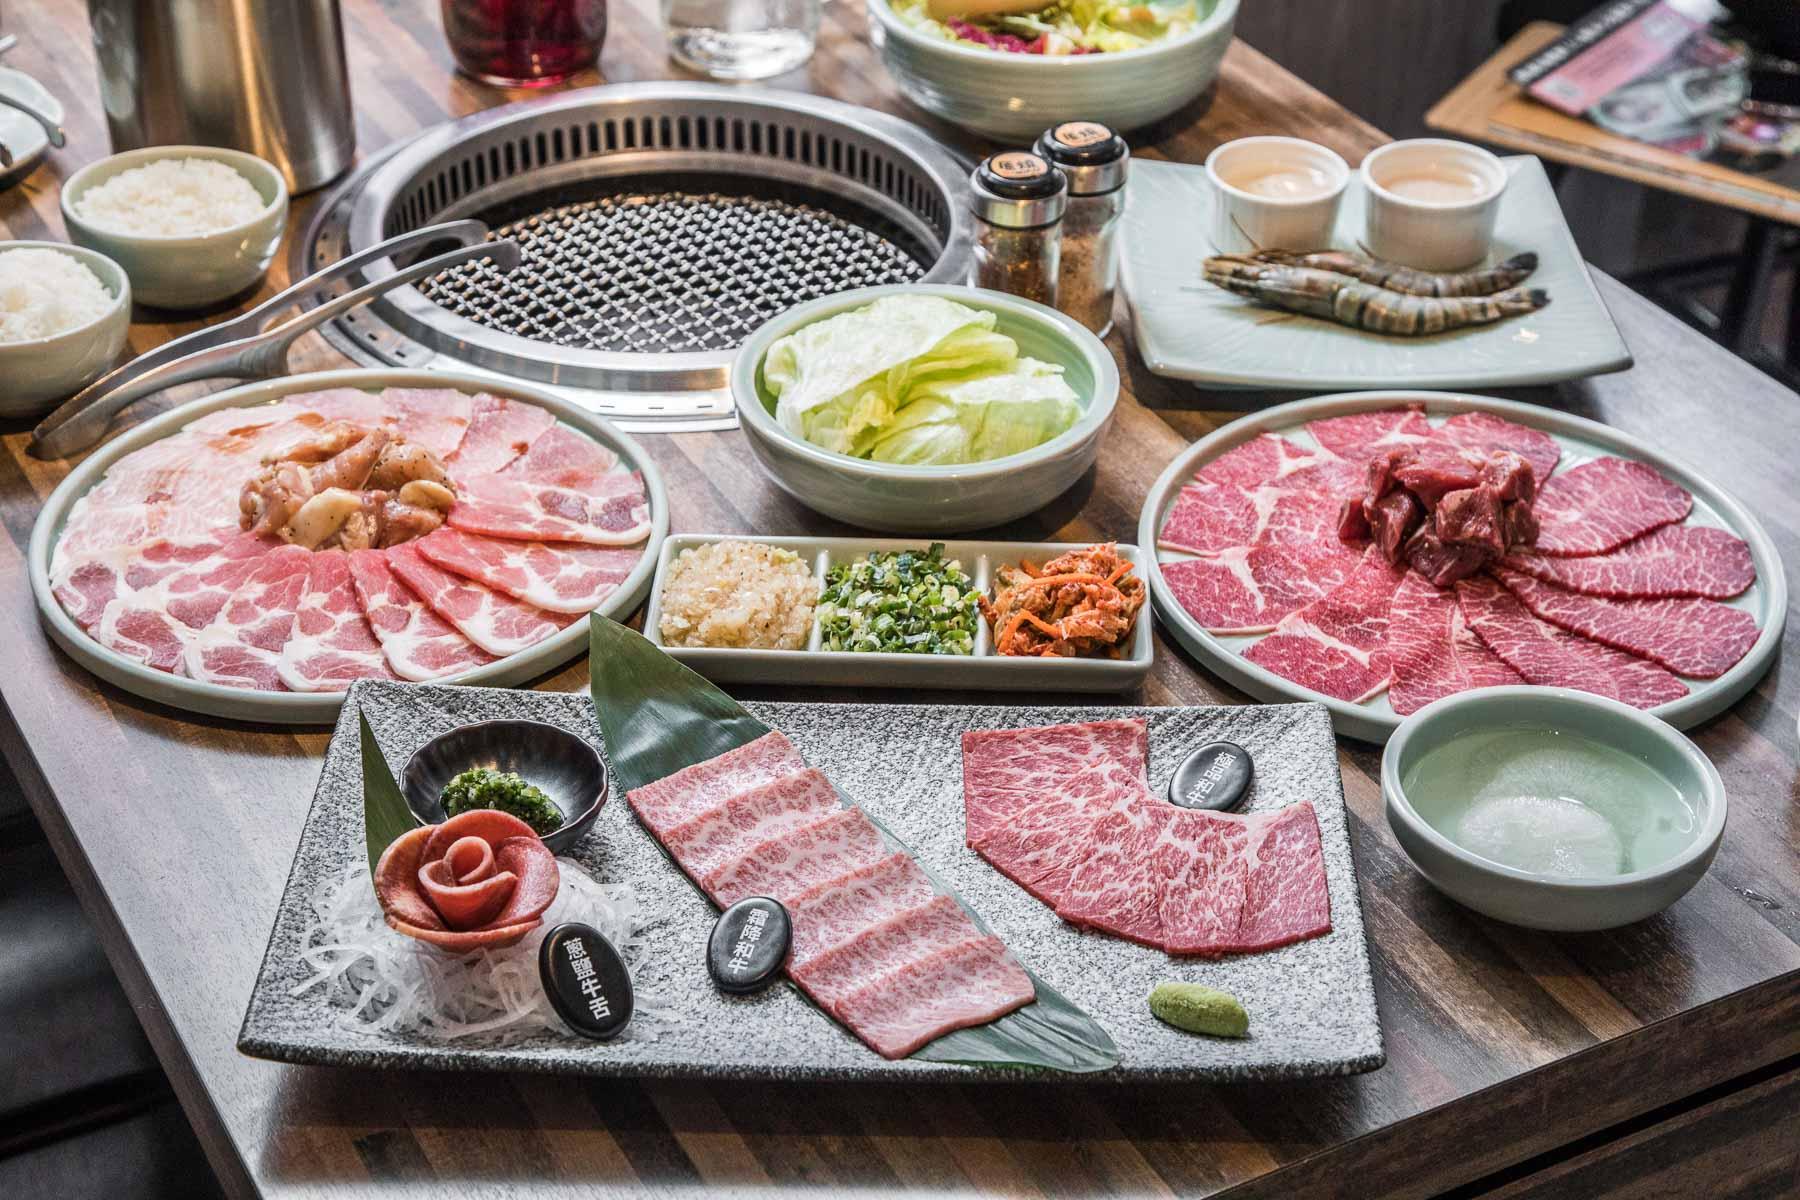 [新北三重]三重燒肉推薦,超高CP值頂級澳洲和牛套餐上市!原燒O-NiKU三重龍門店